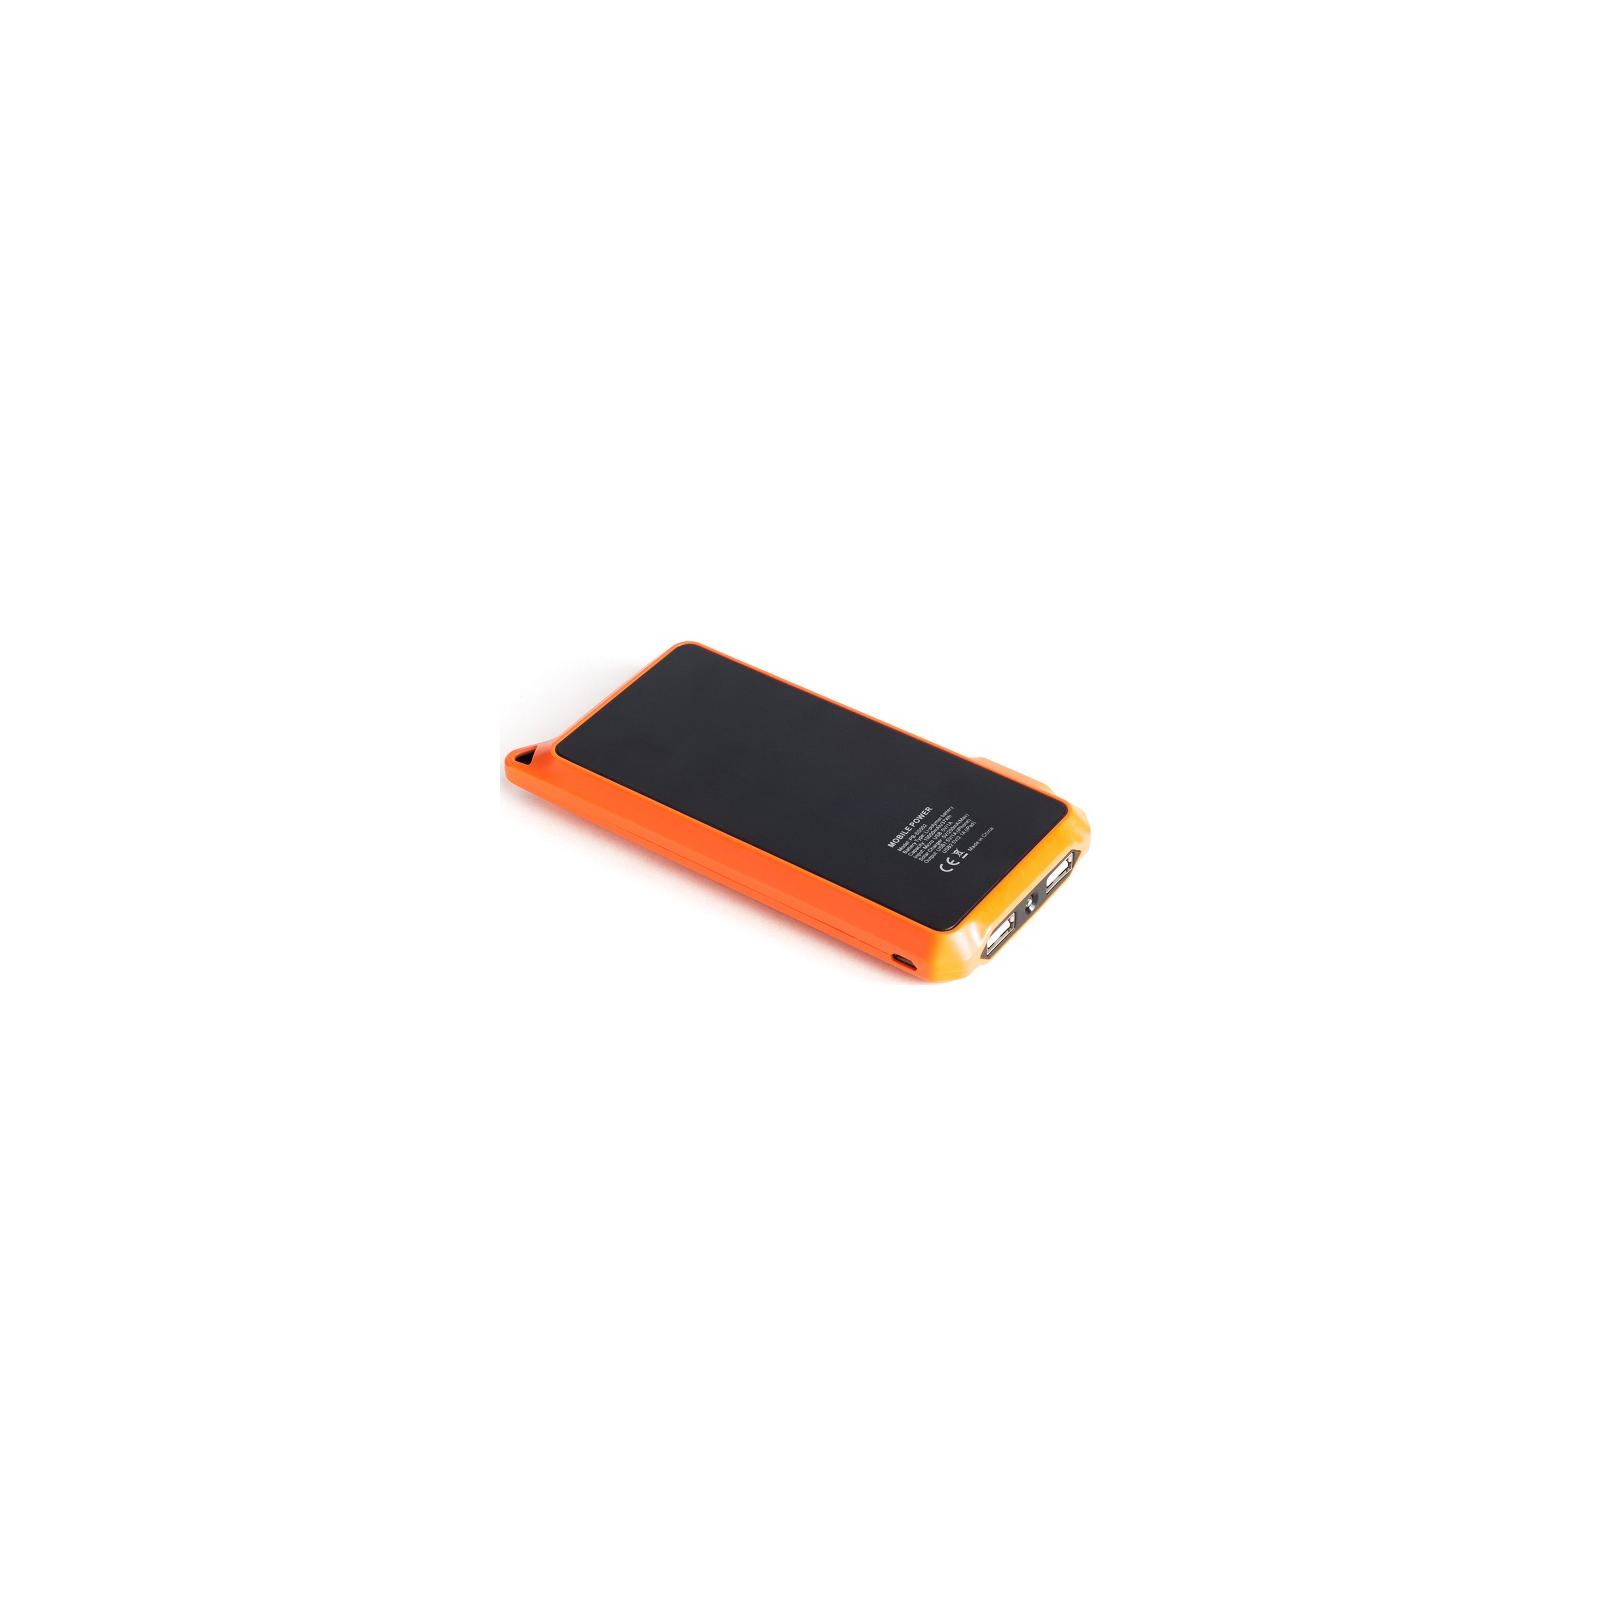 Батарея универсальная PowerPlant PB-SS002 10000mAh (PB-SS002) изображение 4